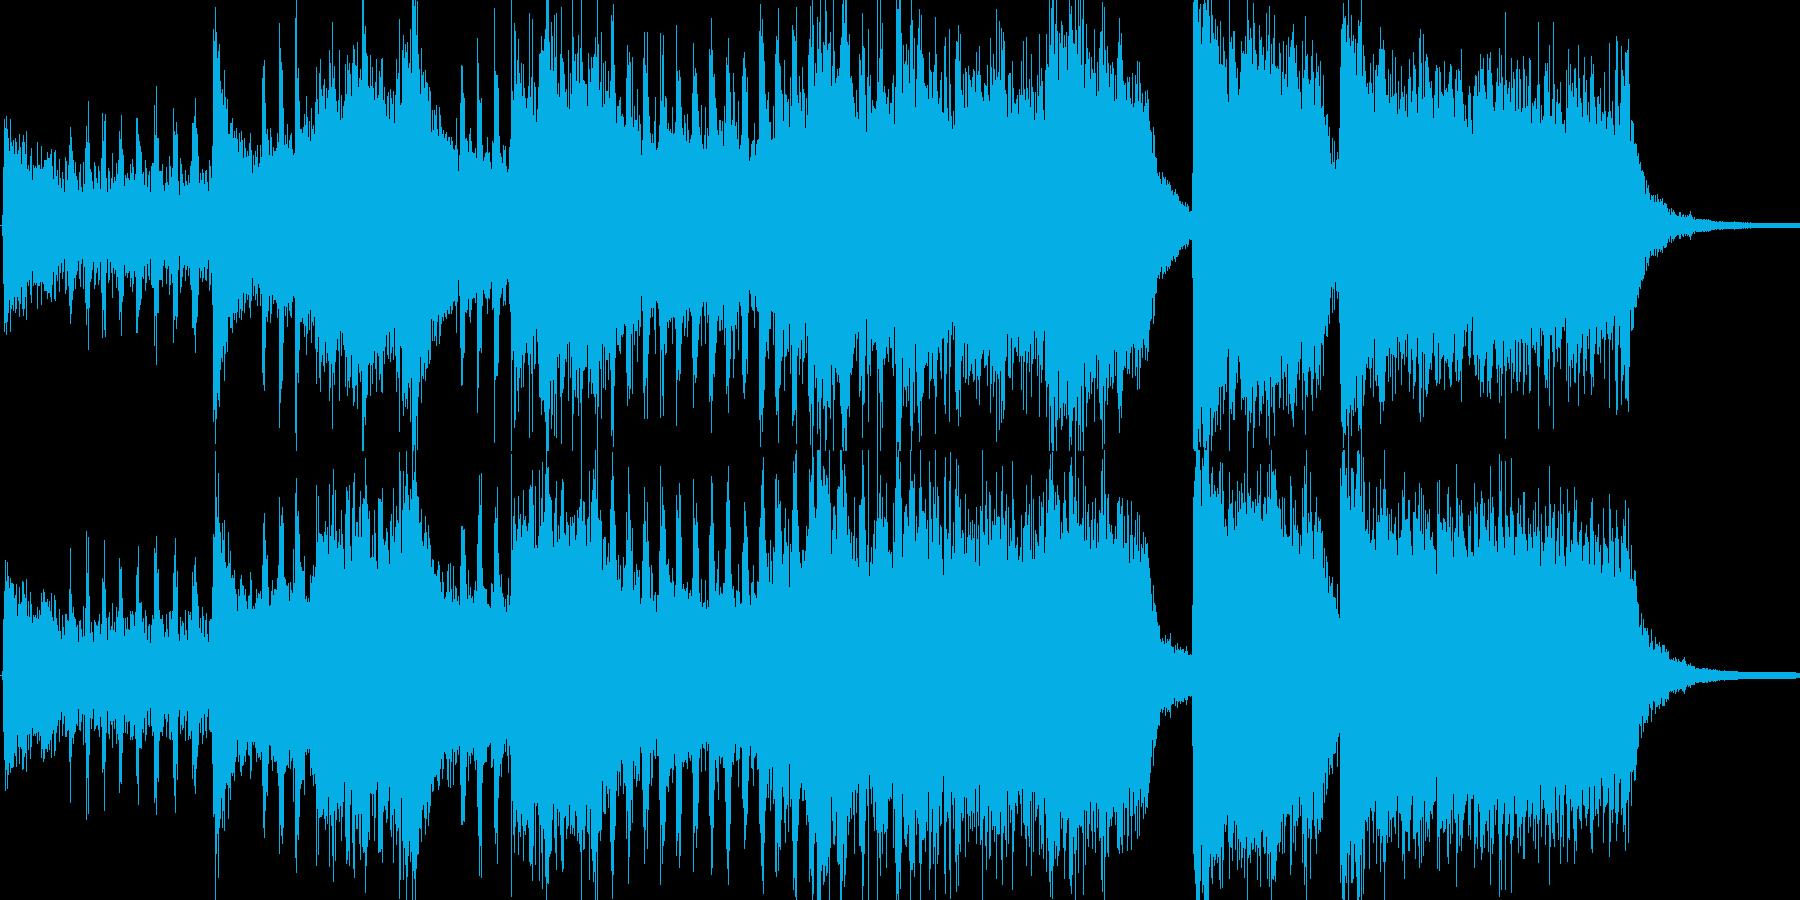 開会式を想定した明るいファンファーレで…の再生済みの波形